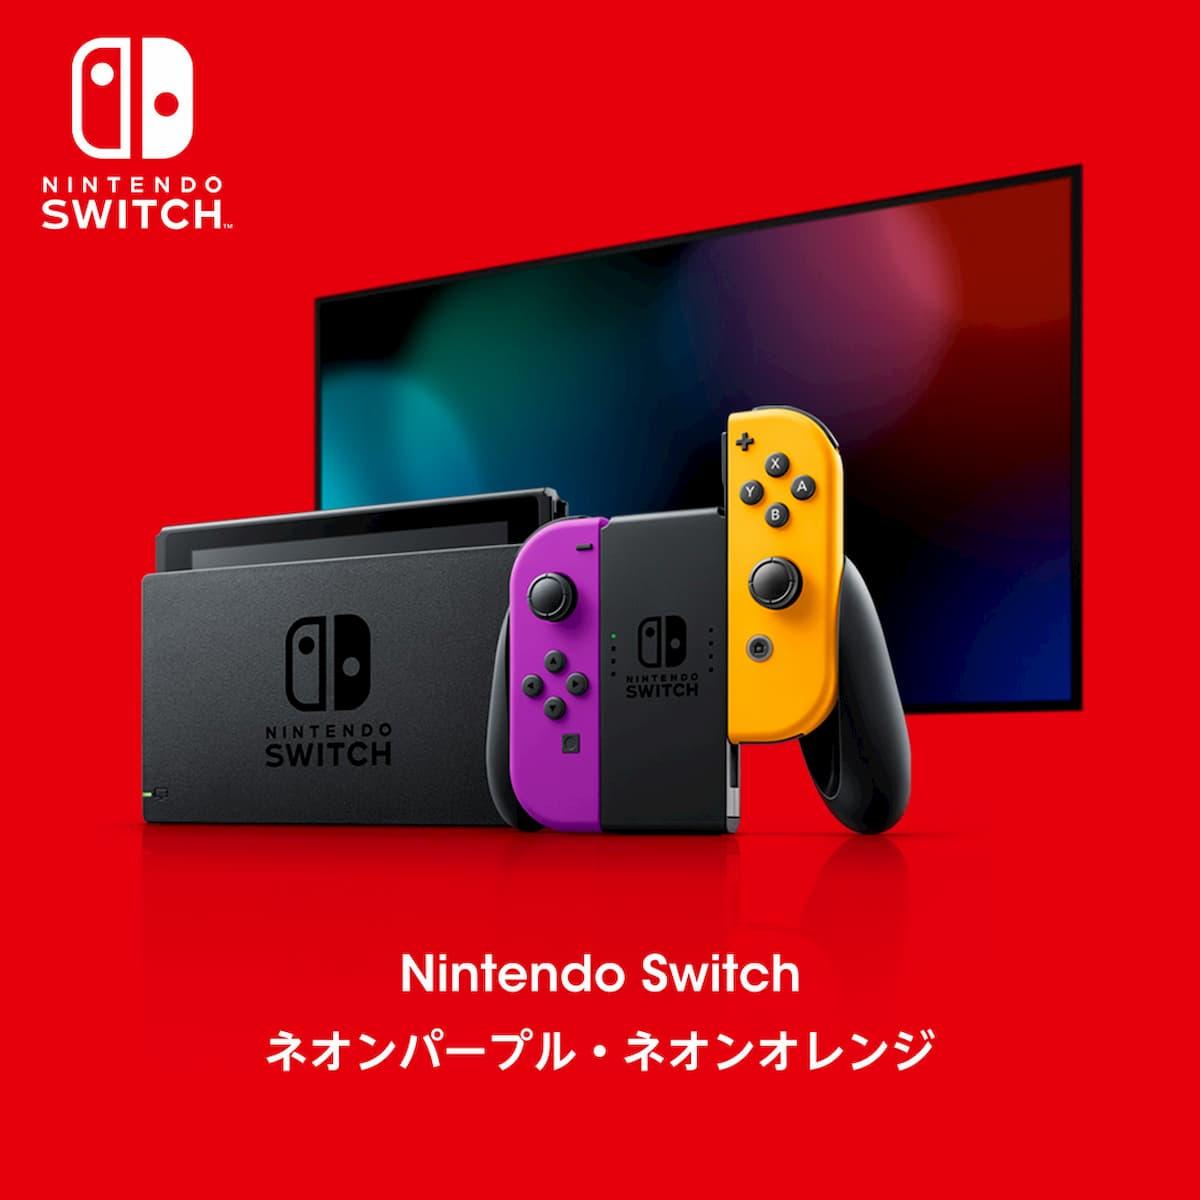 Nintendo Switch (L)ネオンパープル・(R)ネオンオレンジ